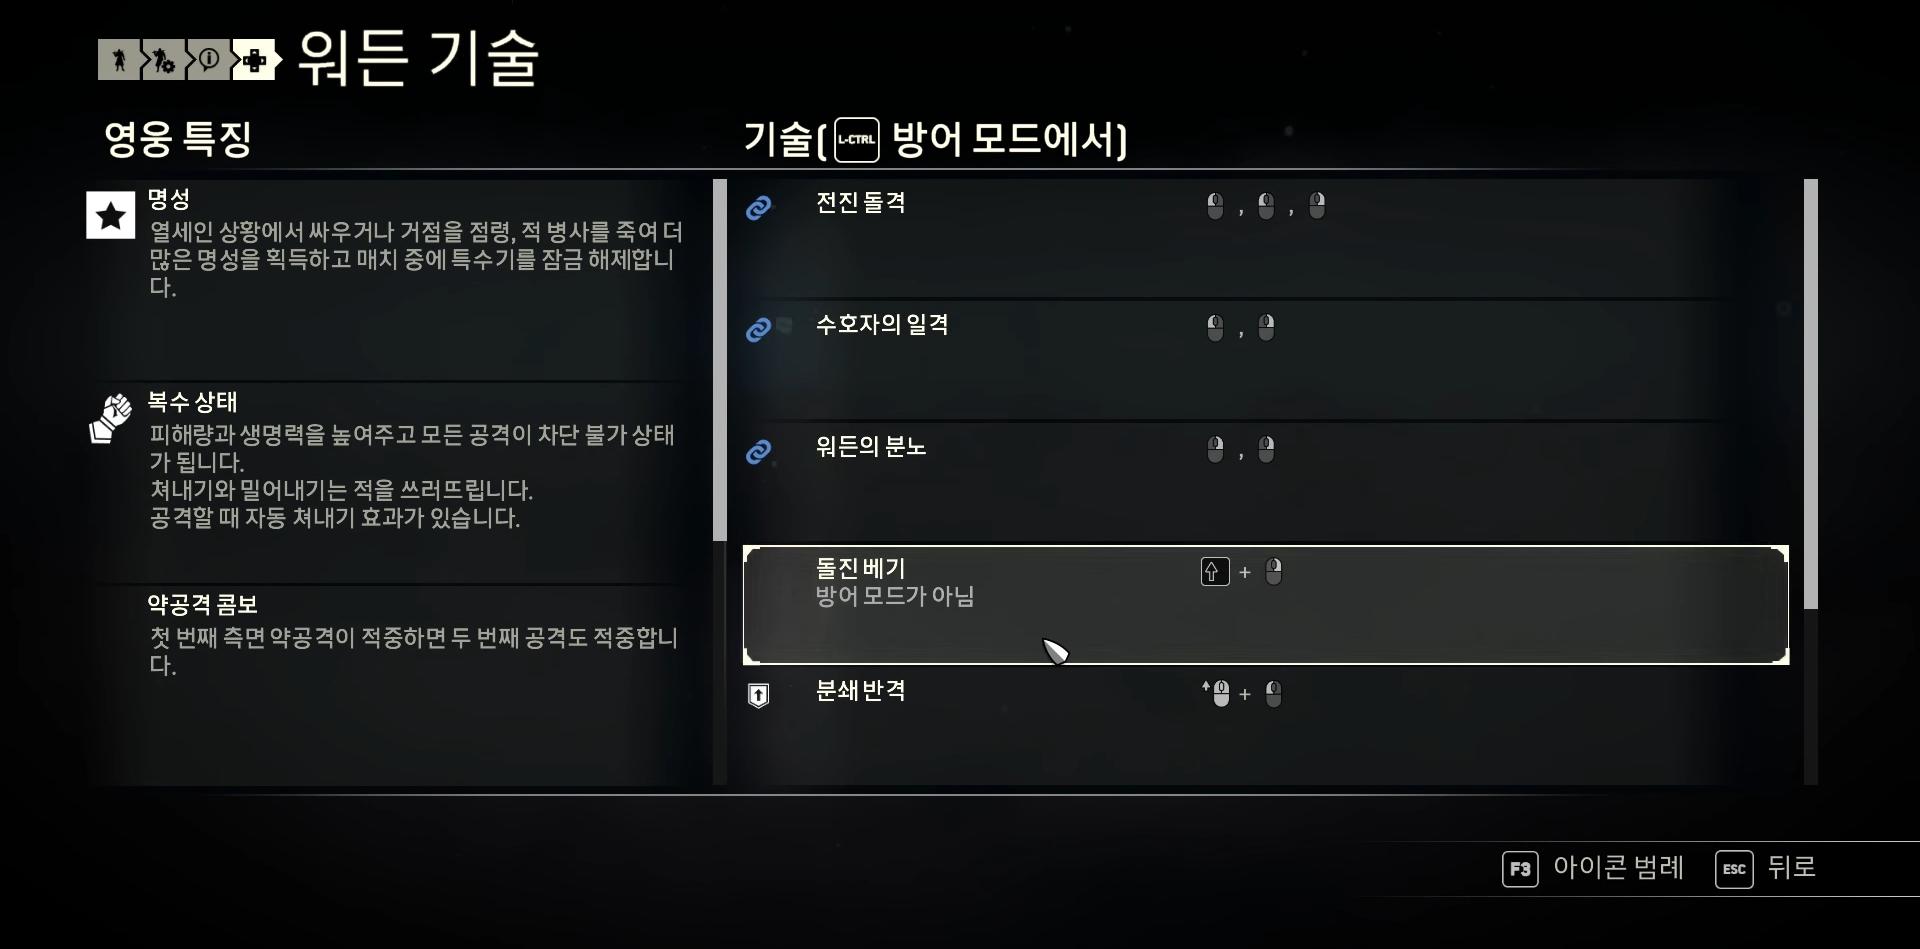 뉴비들을 위한 포아너 공략 워든 편 0-25 screenshot.png